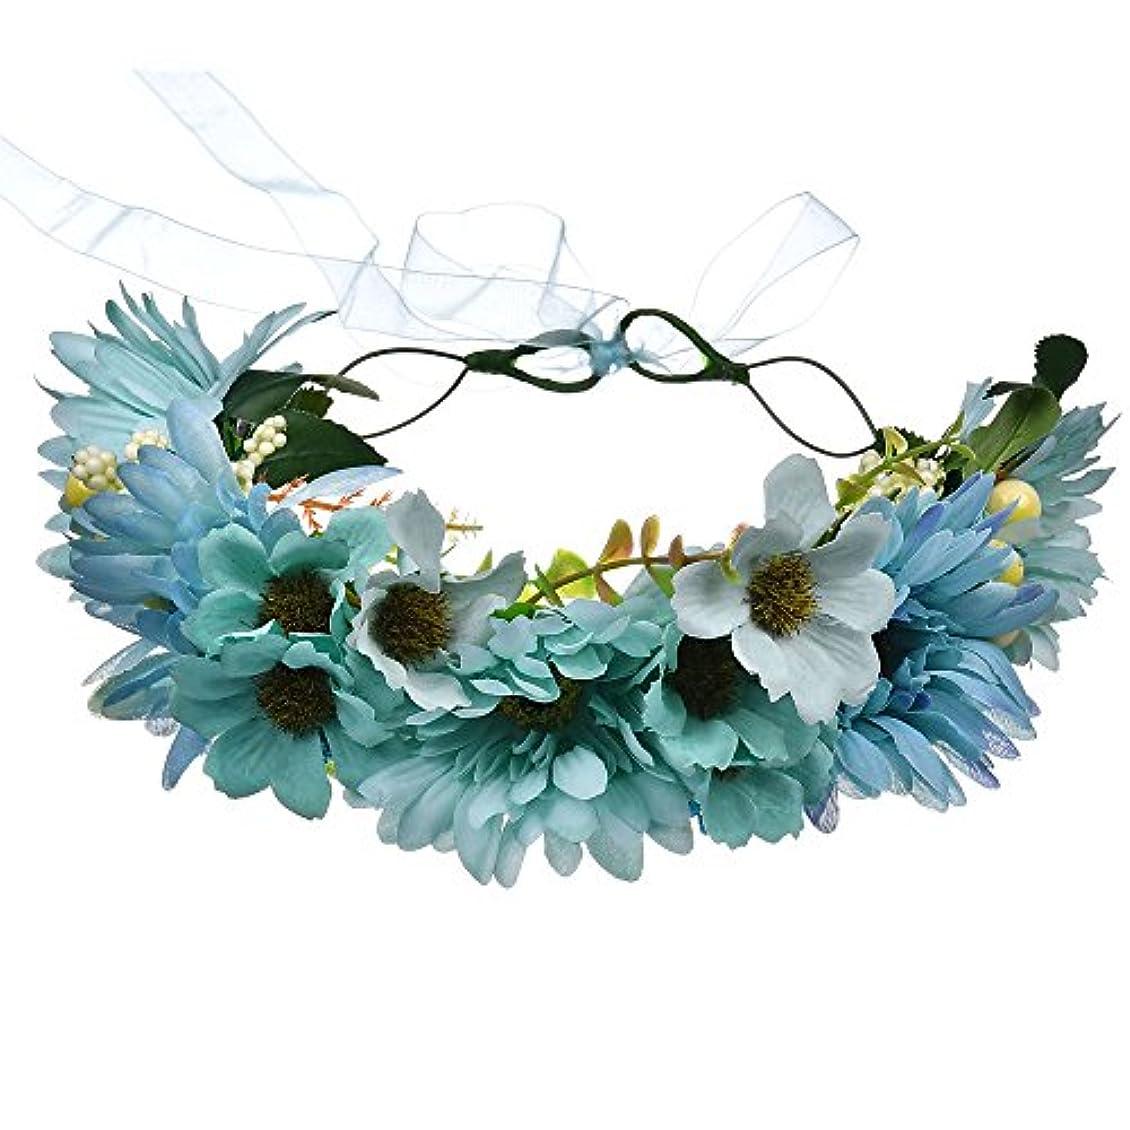 薄暗い自分を引き上げるコーンウォール1st market 自由奔放な菊の花輪ヘッドバンドヘッドバンド絶妙なユリの花ヘッドドレスビーチ写真の装飾女性の花輪ヘッドバンドヘアアクセサリーブルー耐久性と便利